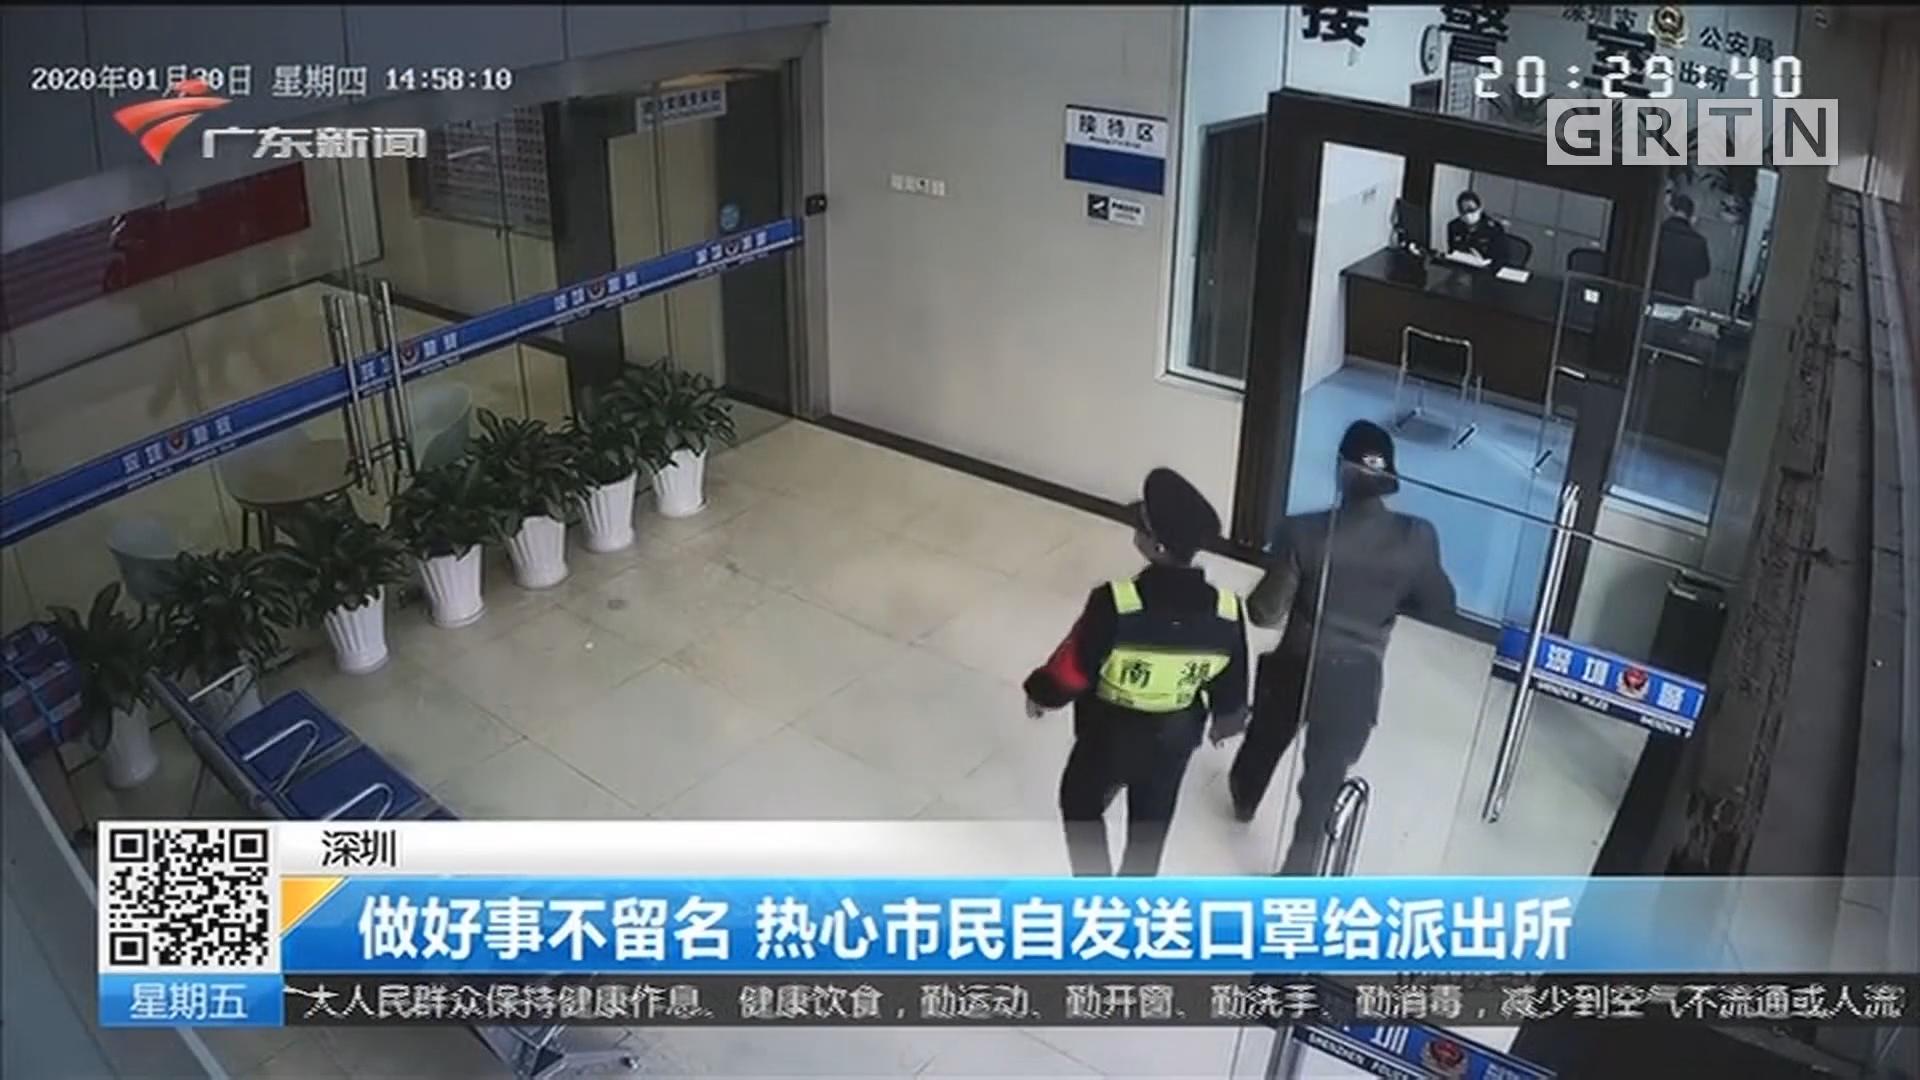 深圳:做好事不留名 热心市民自发送口罩给派出所